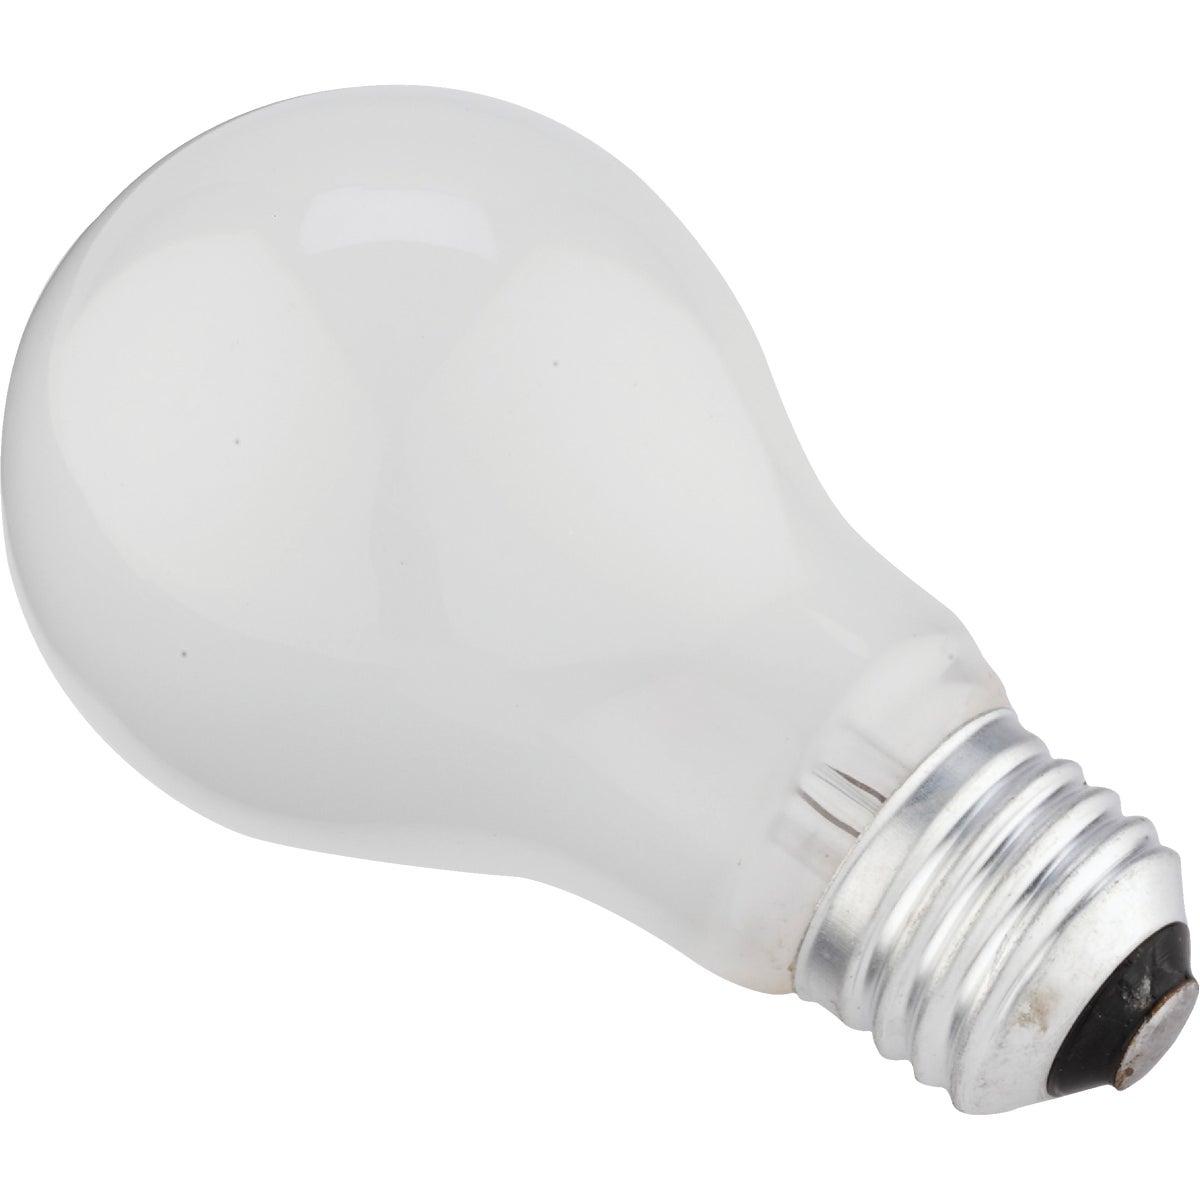 2PK 12V-50W LIGHT BULB